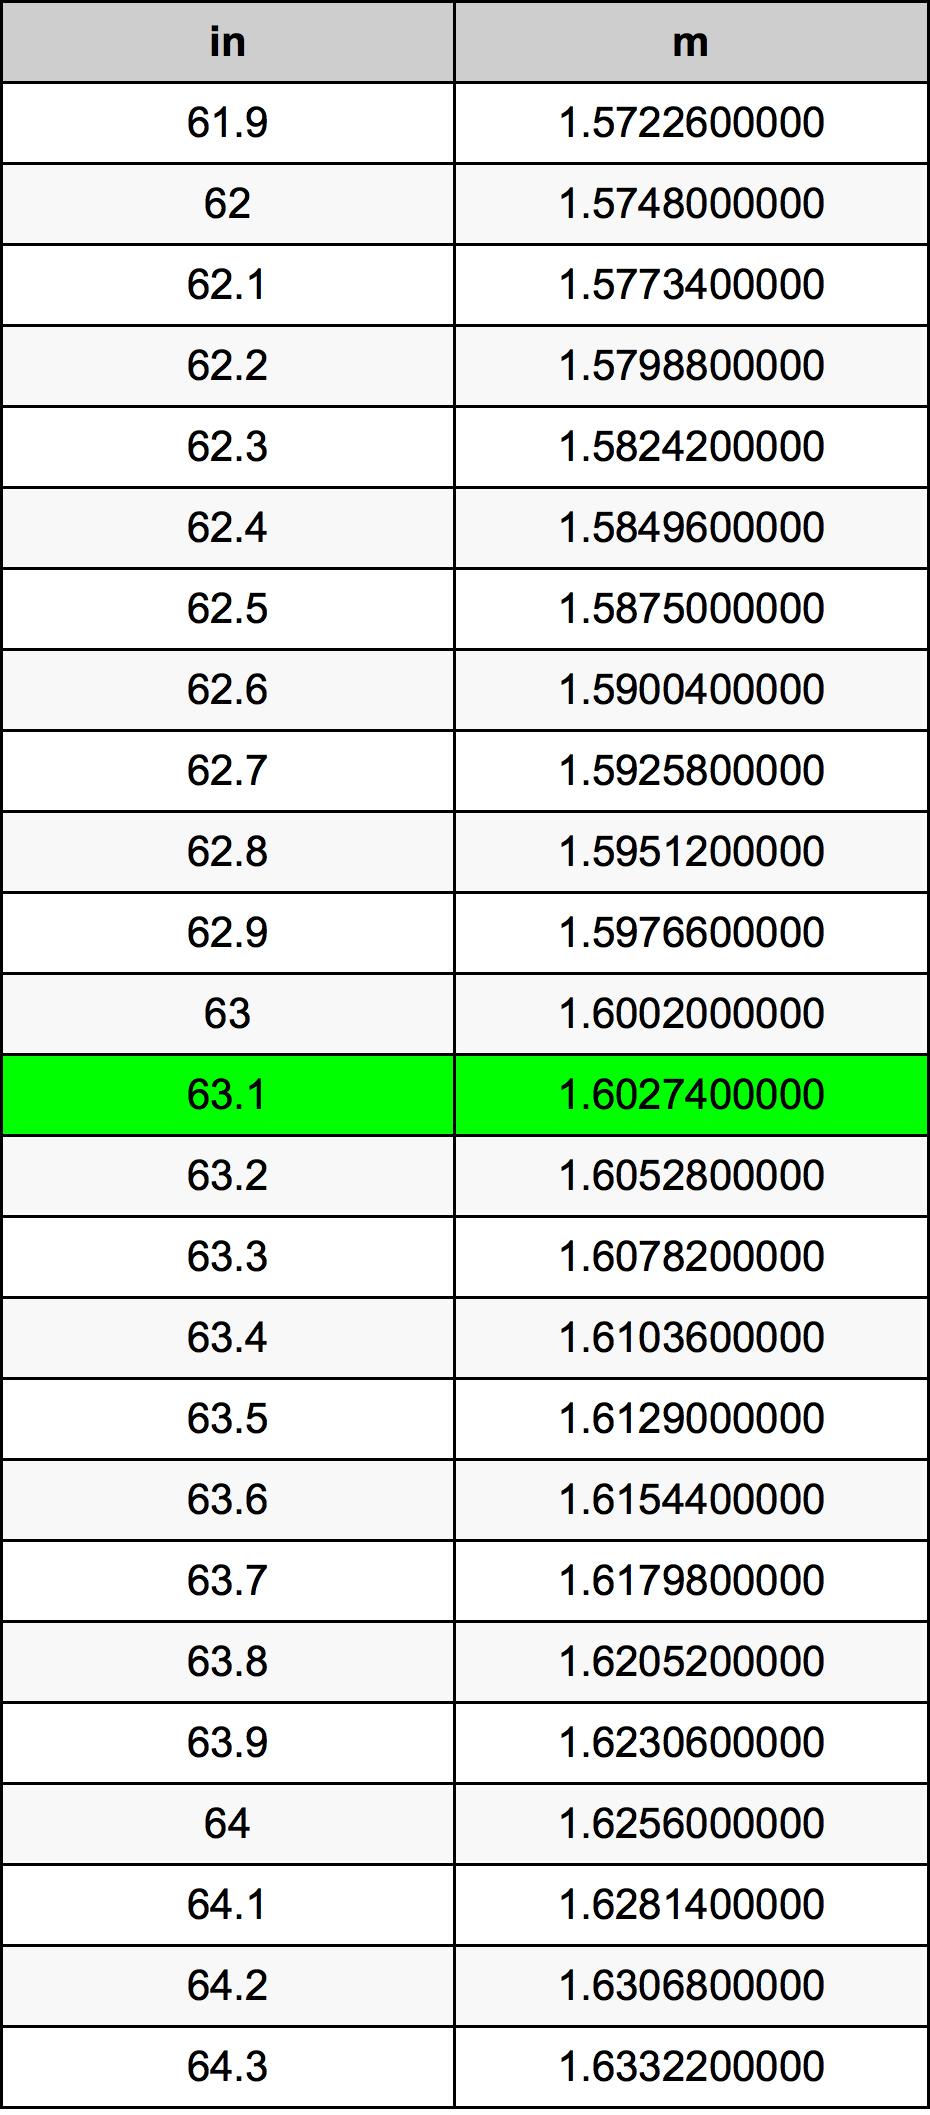 63.1 Palec prevodná tabuľka